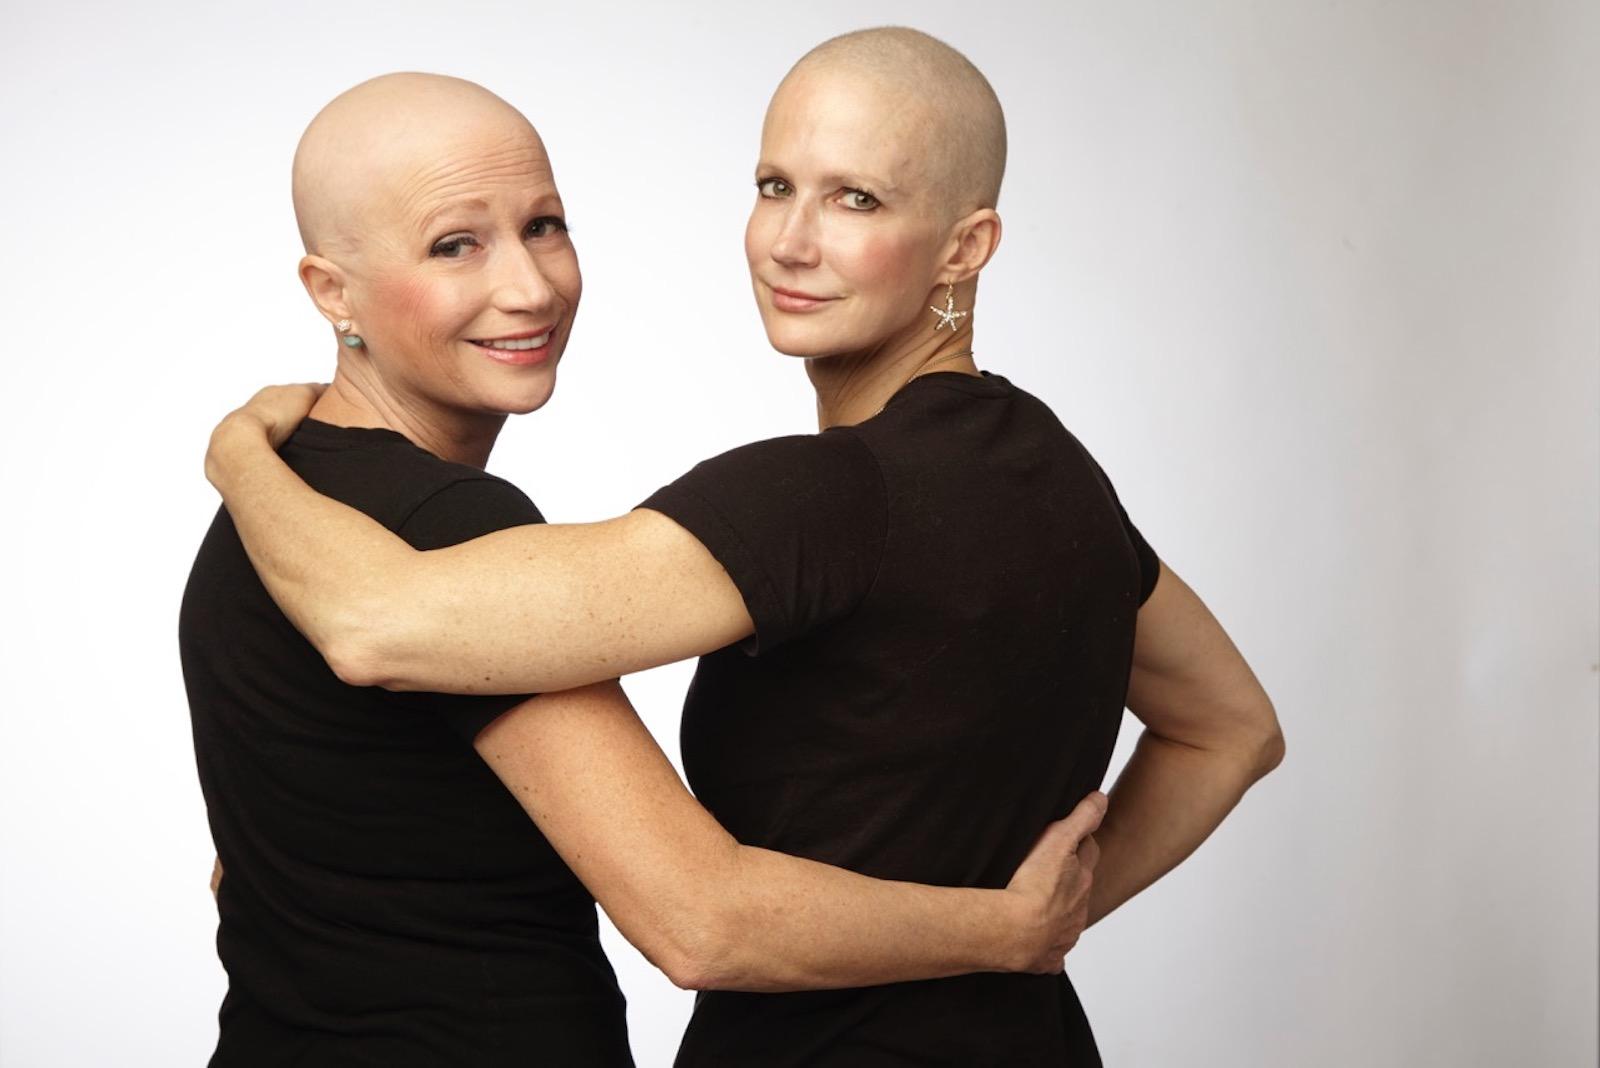 Rachel and Brenda